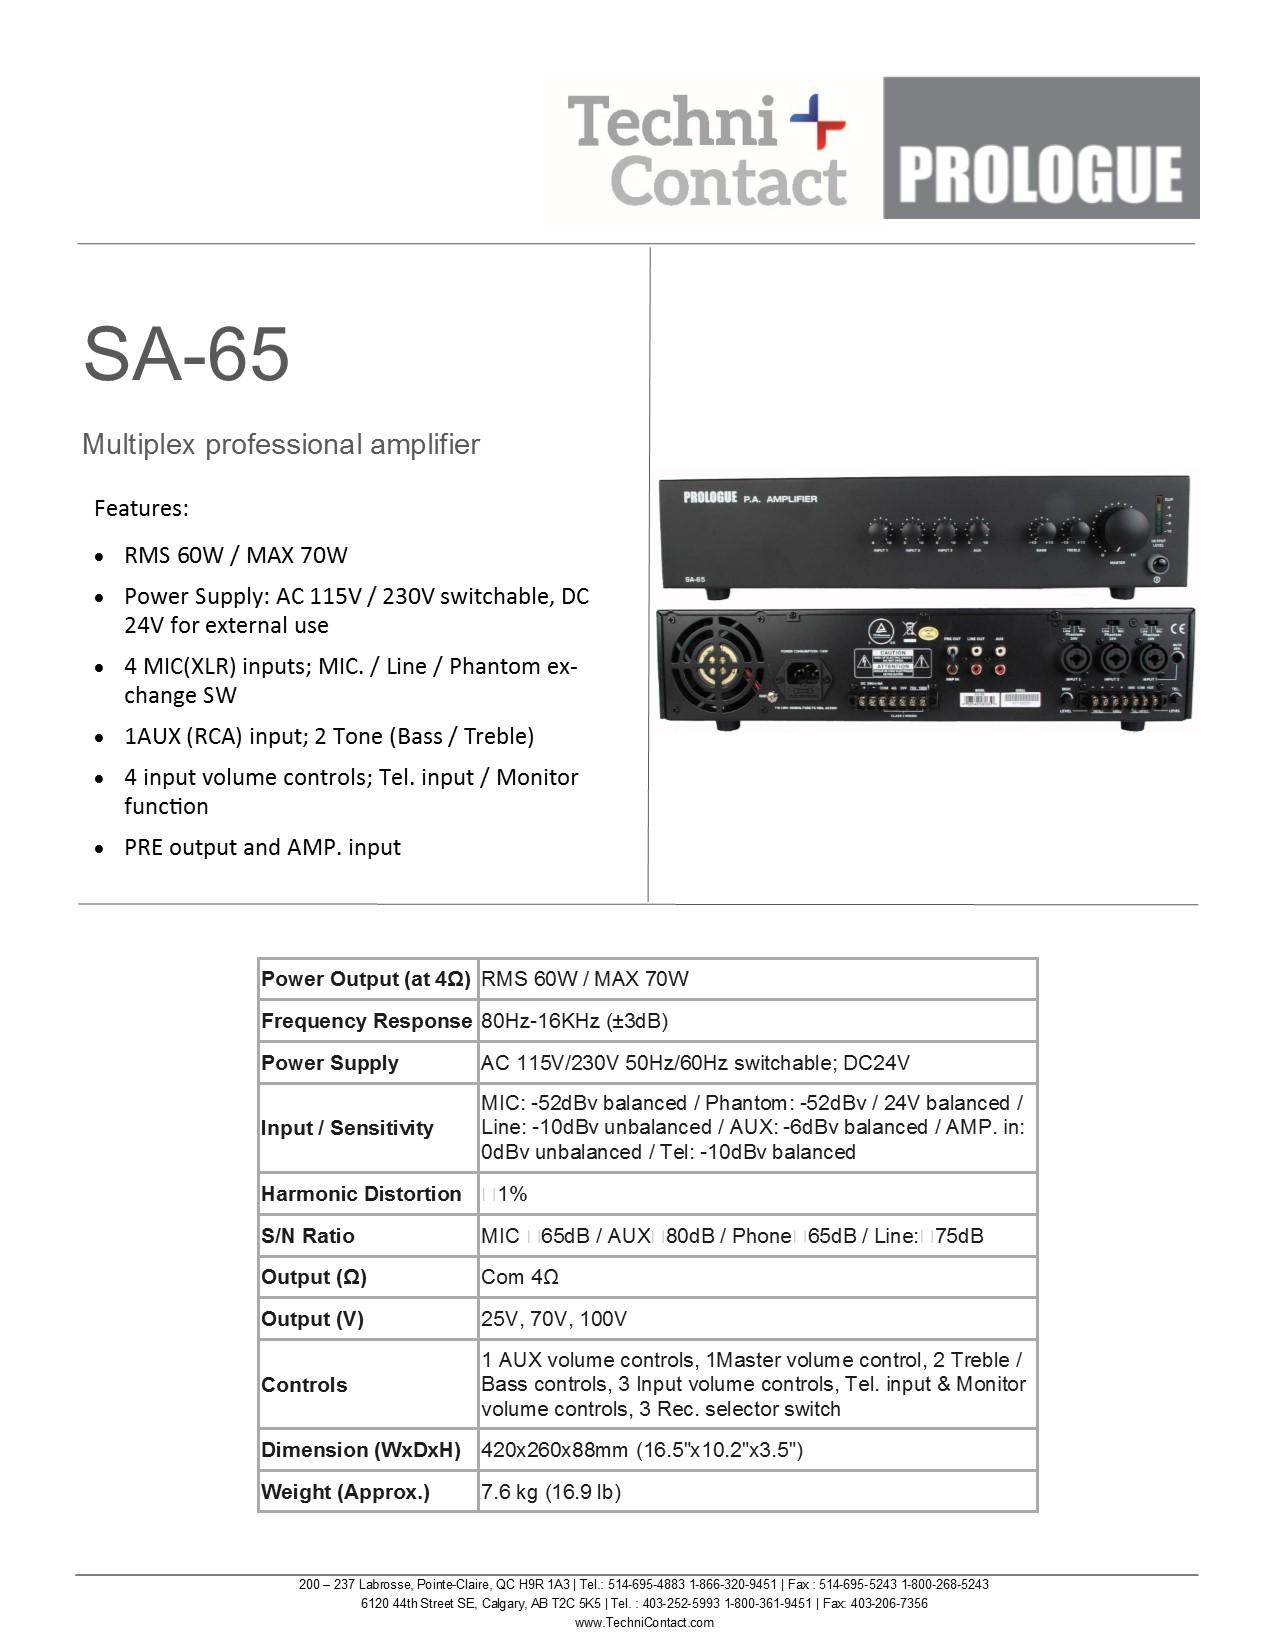 Prologue_SA-65_SPECS.jpg